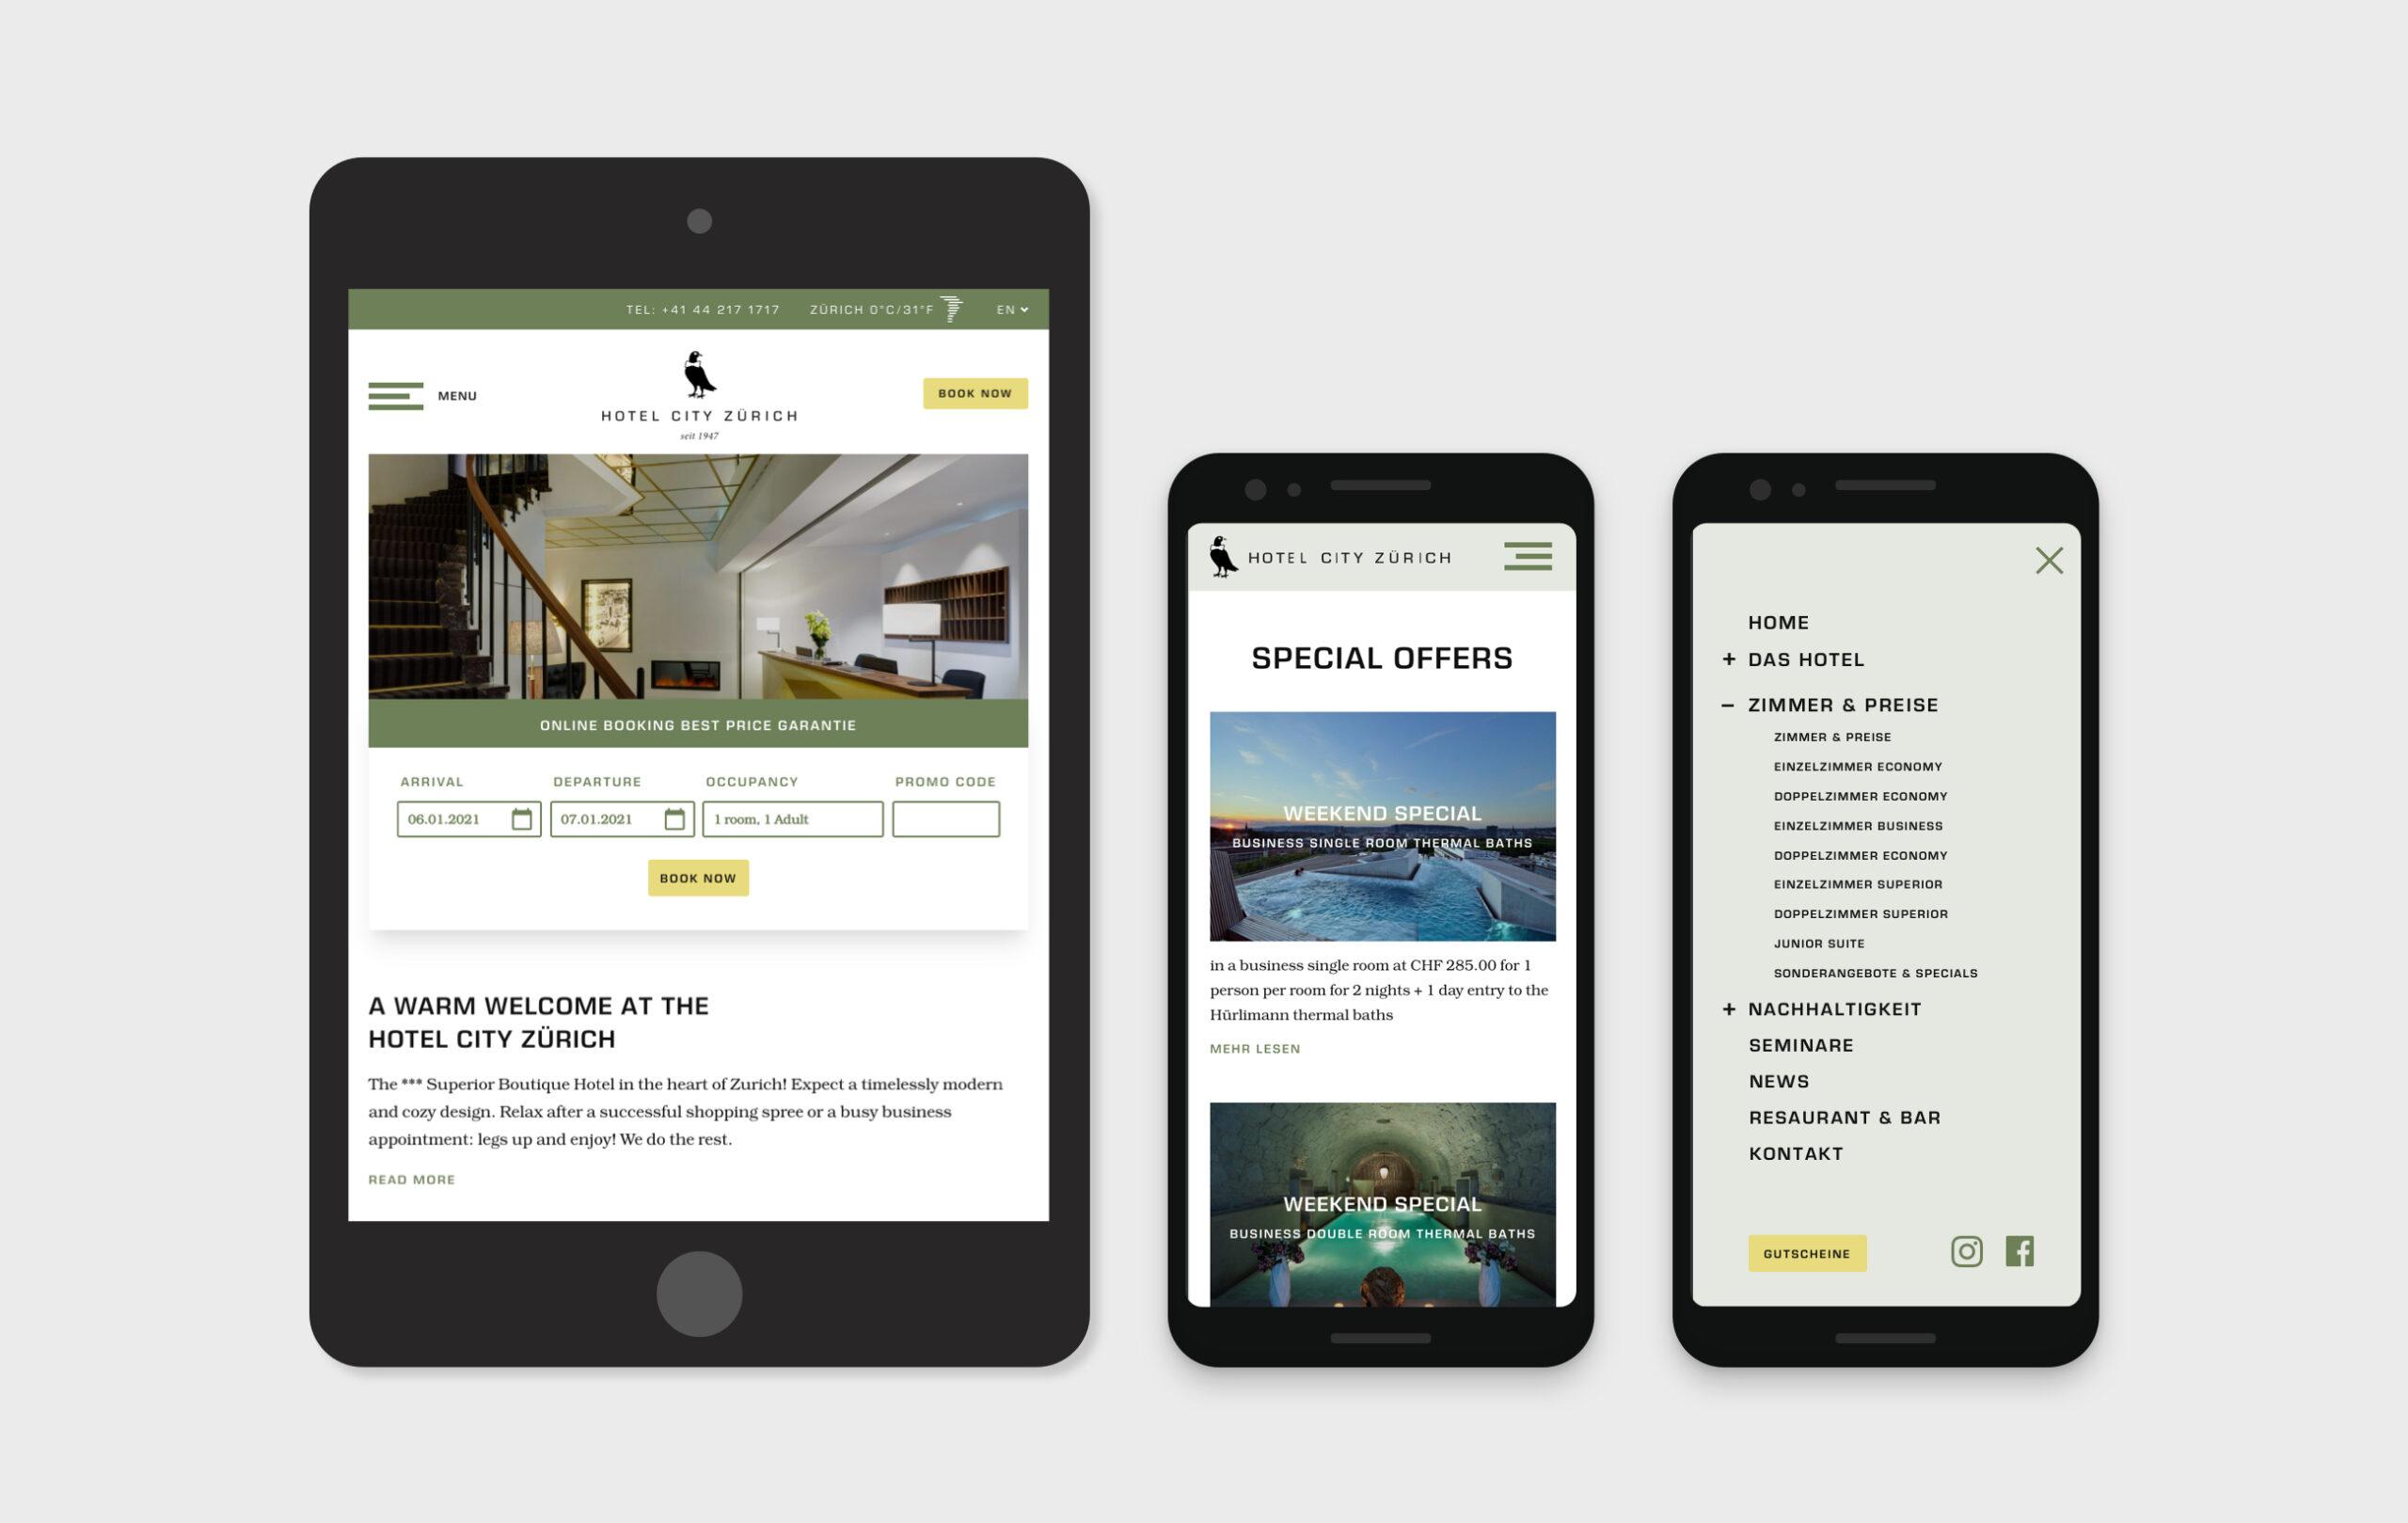 Hotel City Zürich Bildschirmfoto Webseite mobile Ansichten